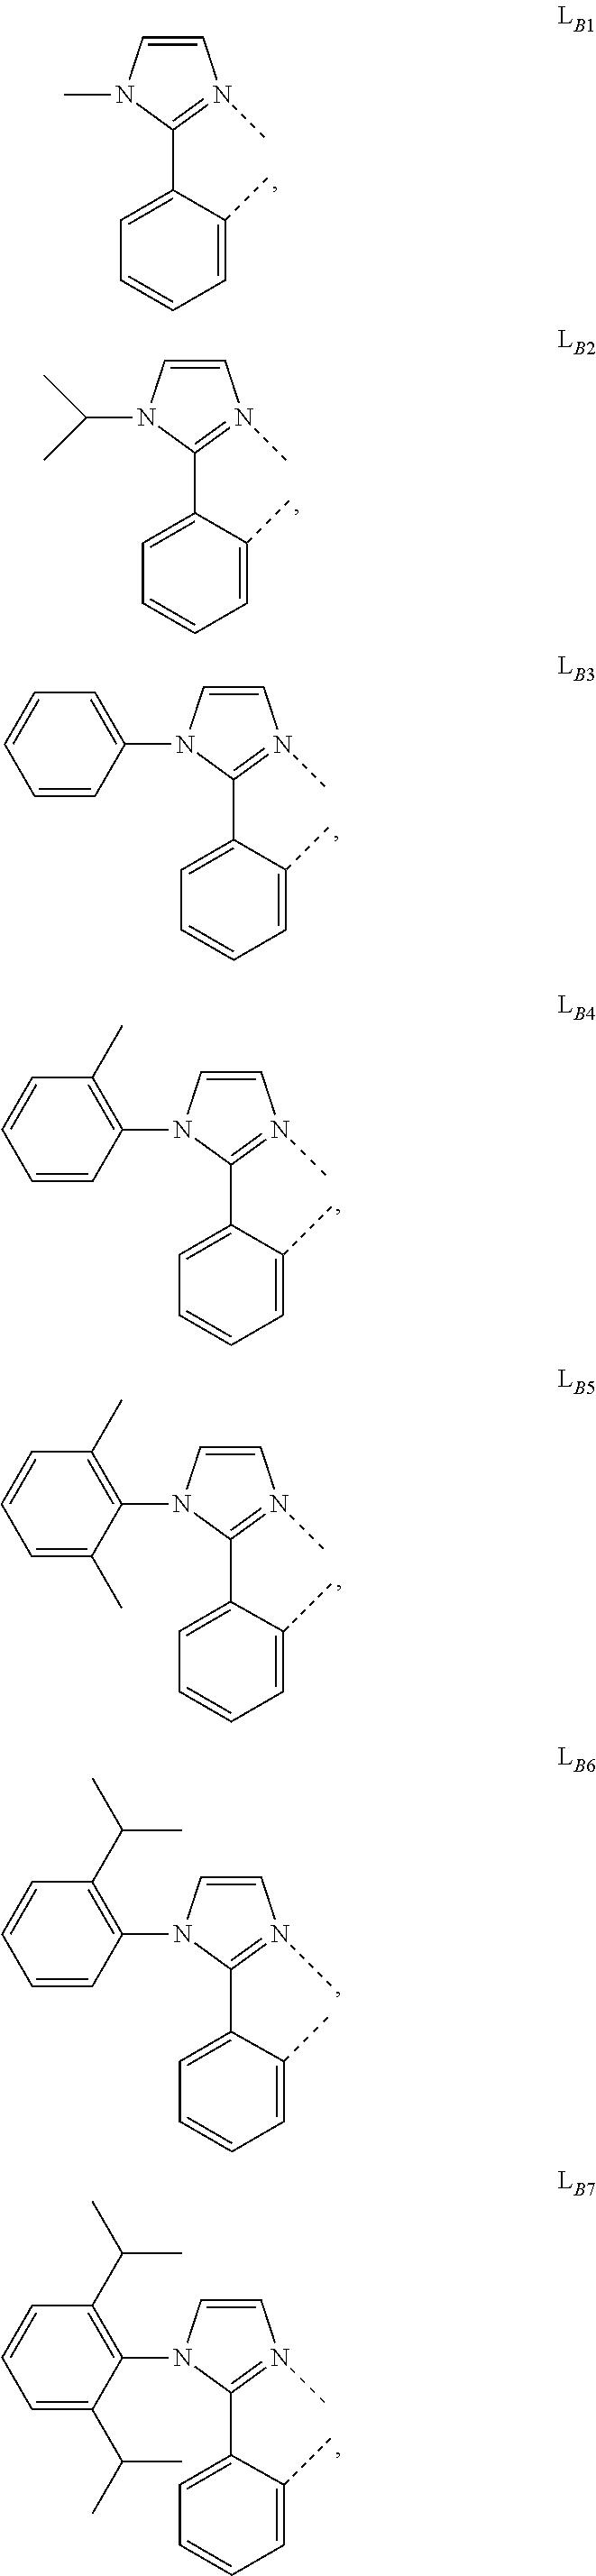 Figure US10043987-20180807-C00125